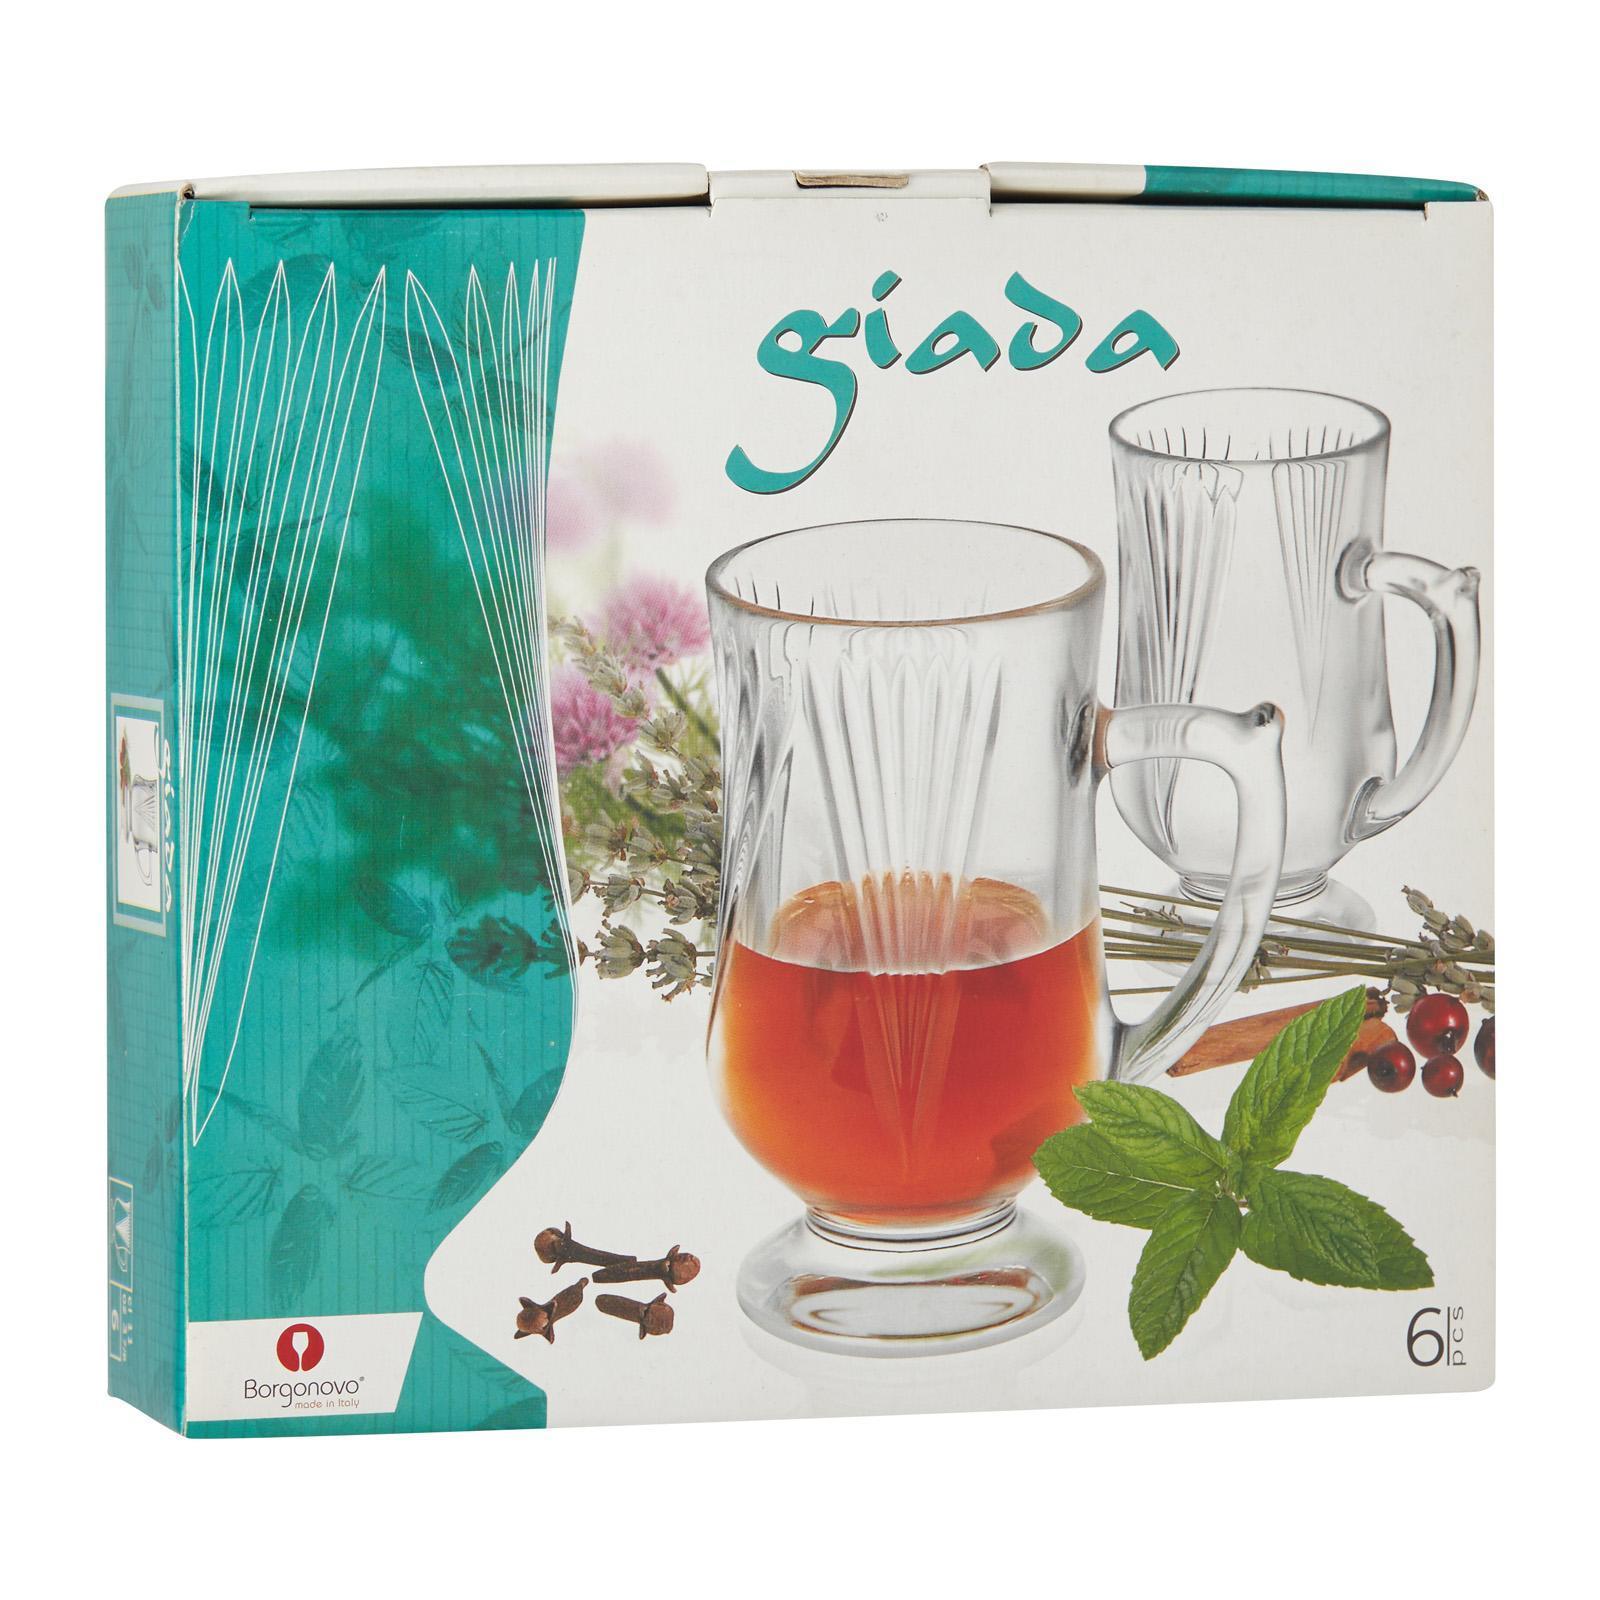 Borgonovo Giada Footed Mug 11Cl (6 Pieces)